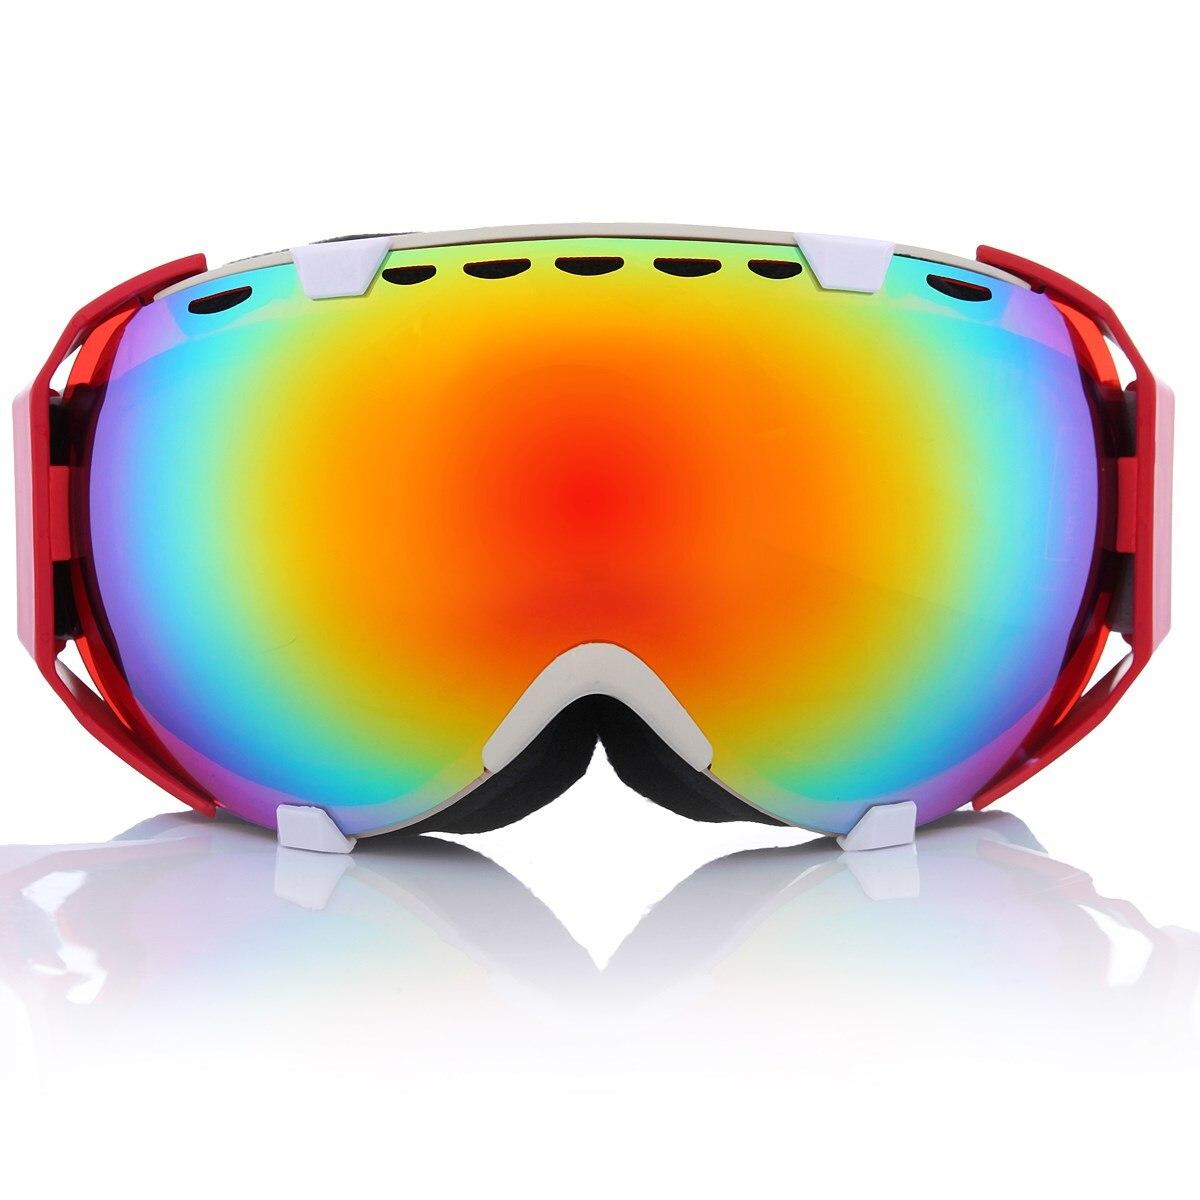 Prix pour 11 Couleurs Professionnel Unisexe Adulte Snowboard Ski Lunettes Anti Brouillard UV Double Lentille En Verre Ski Lunettes